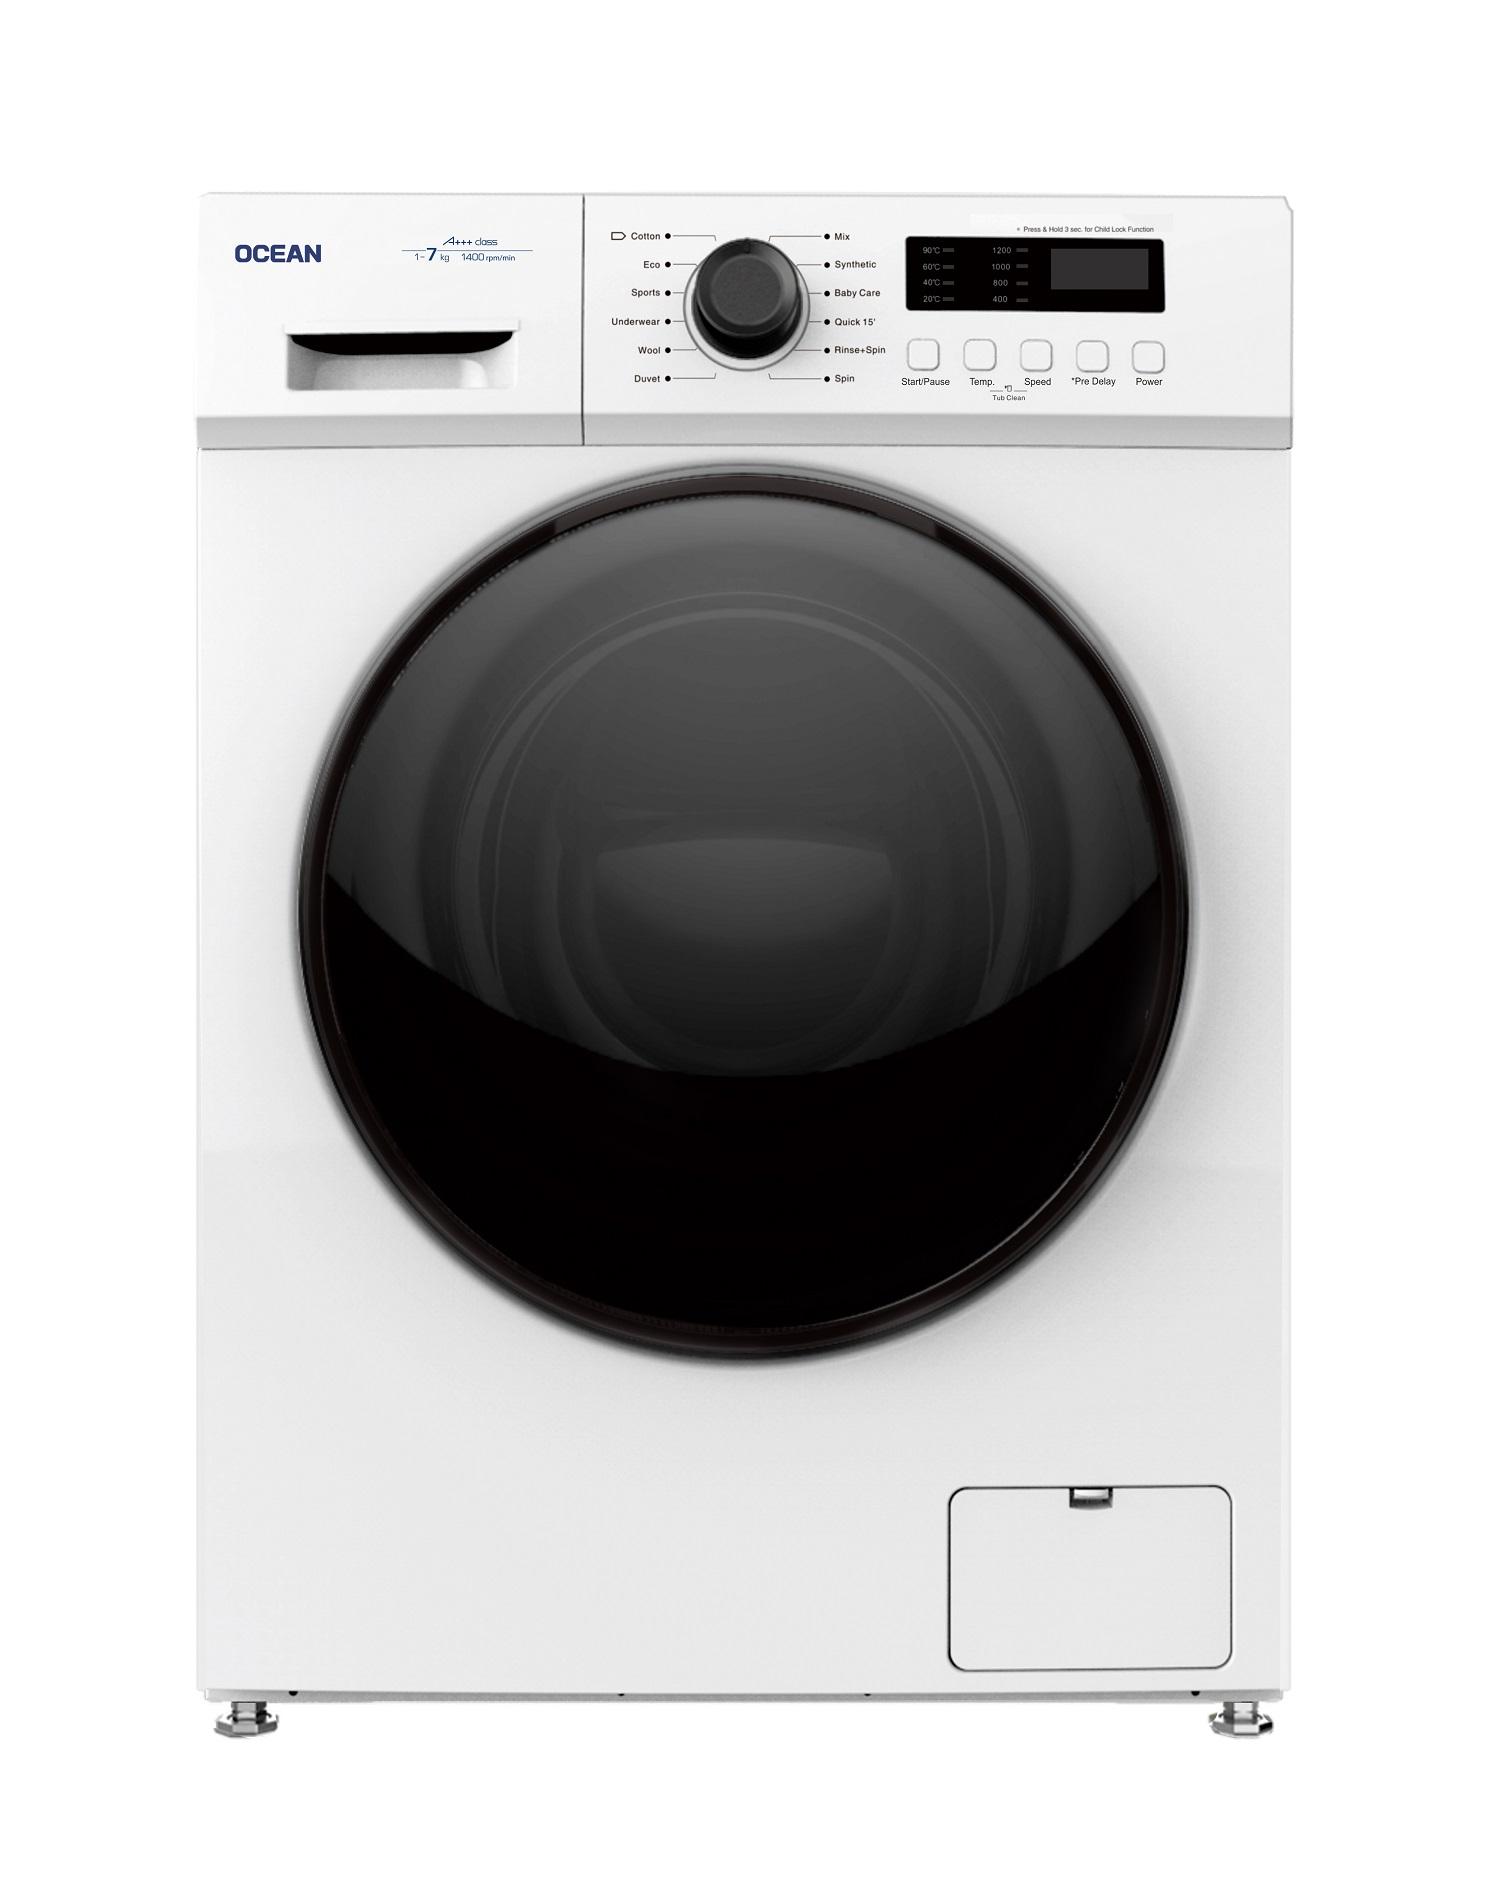 Large Home Appliances